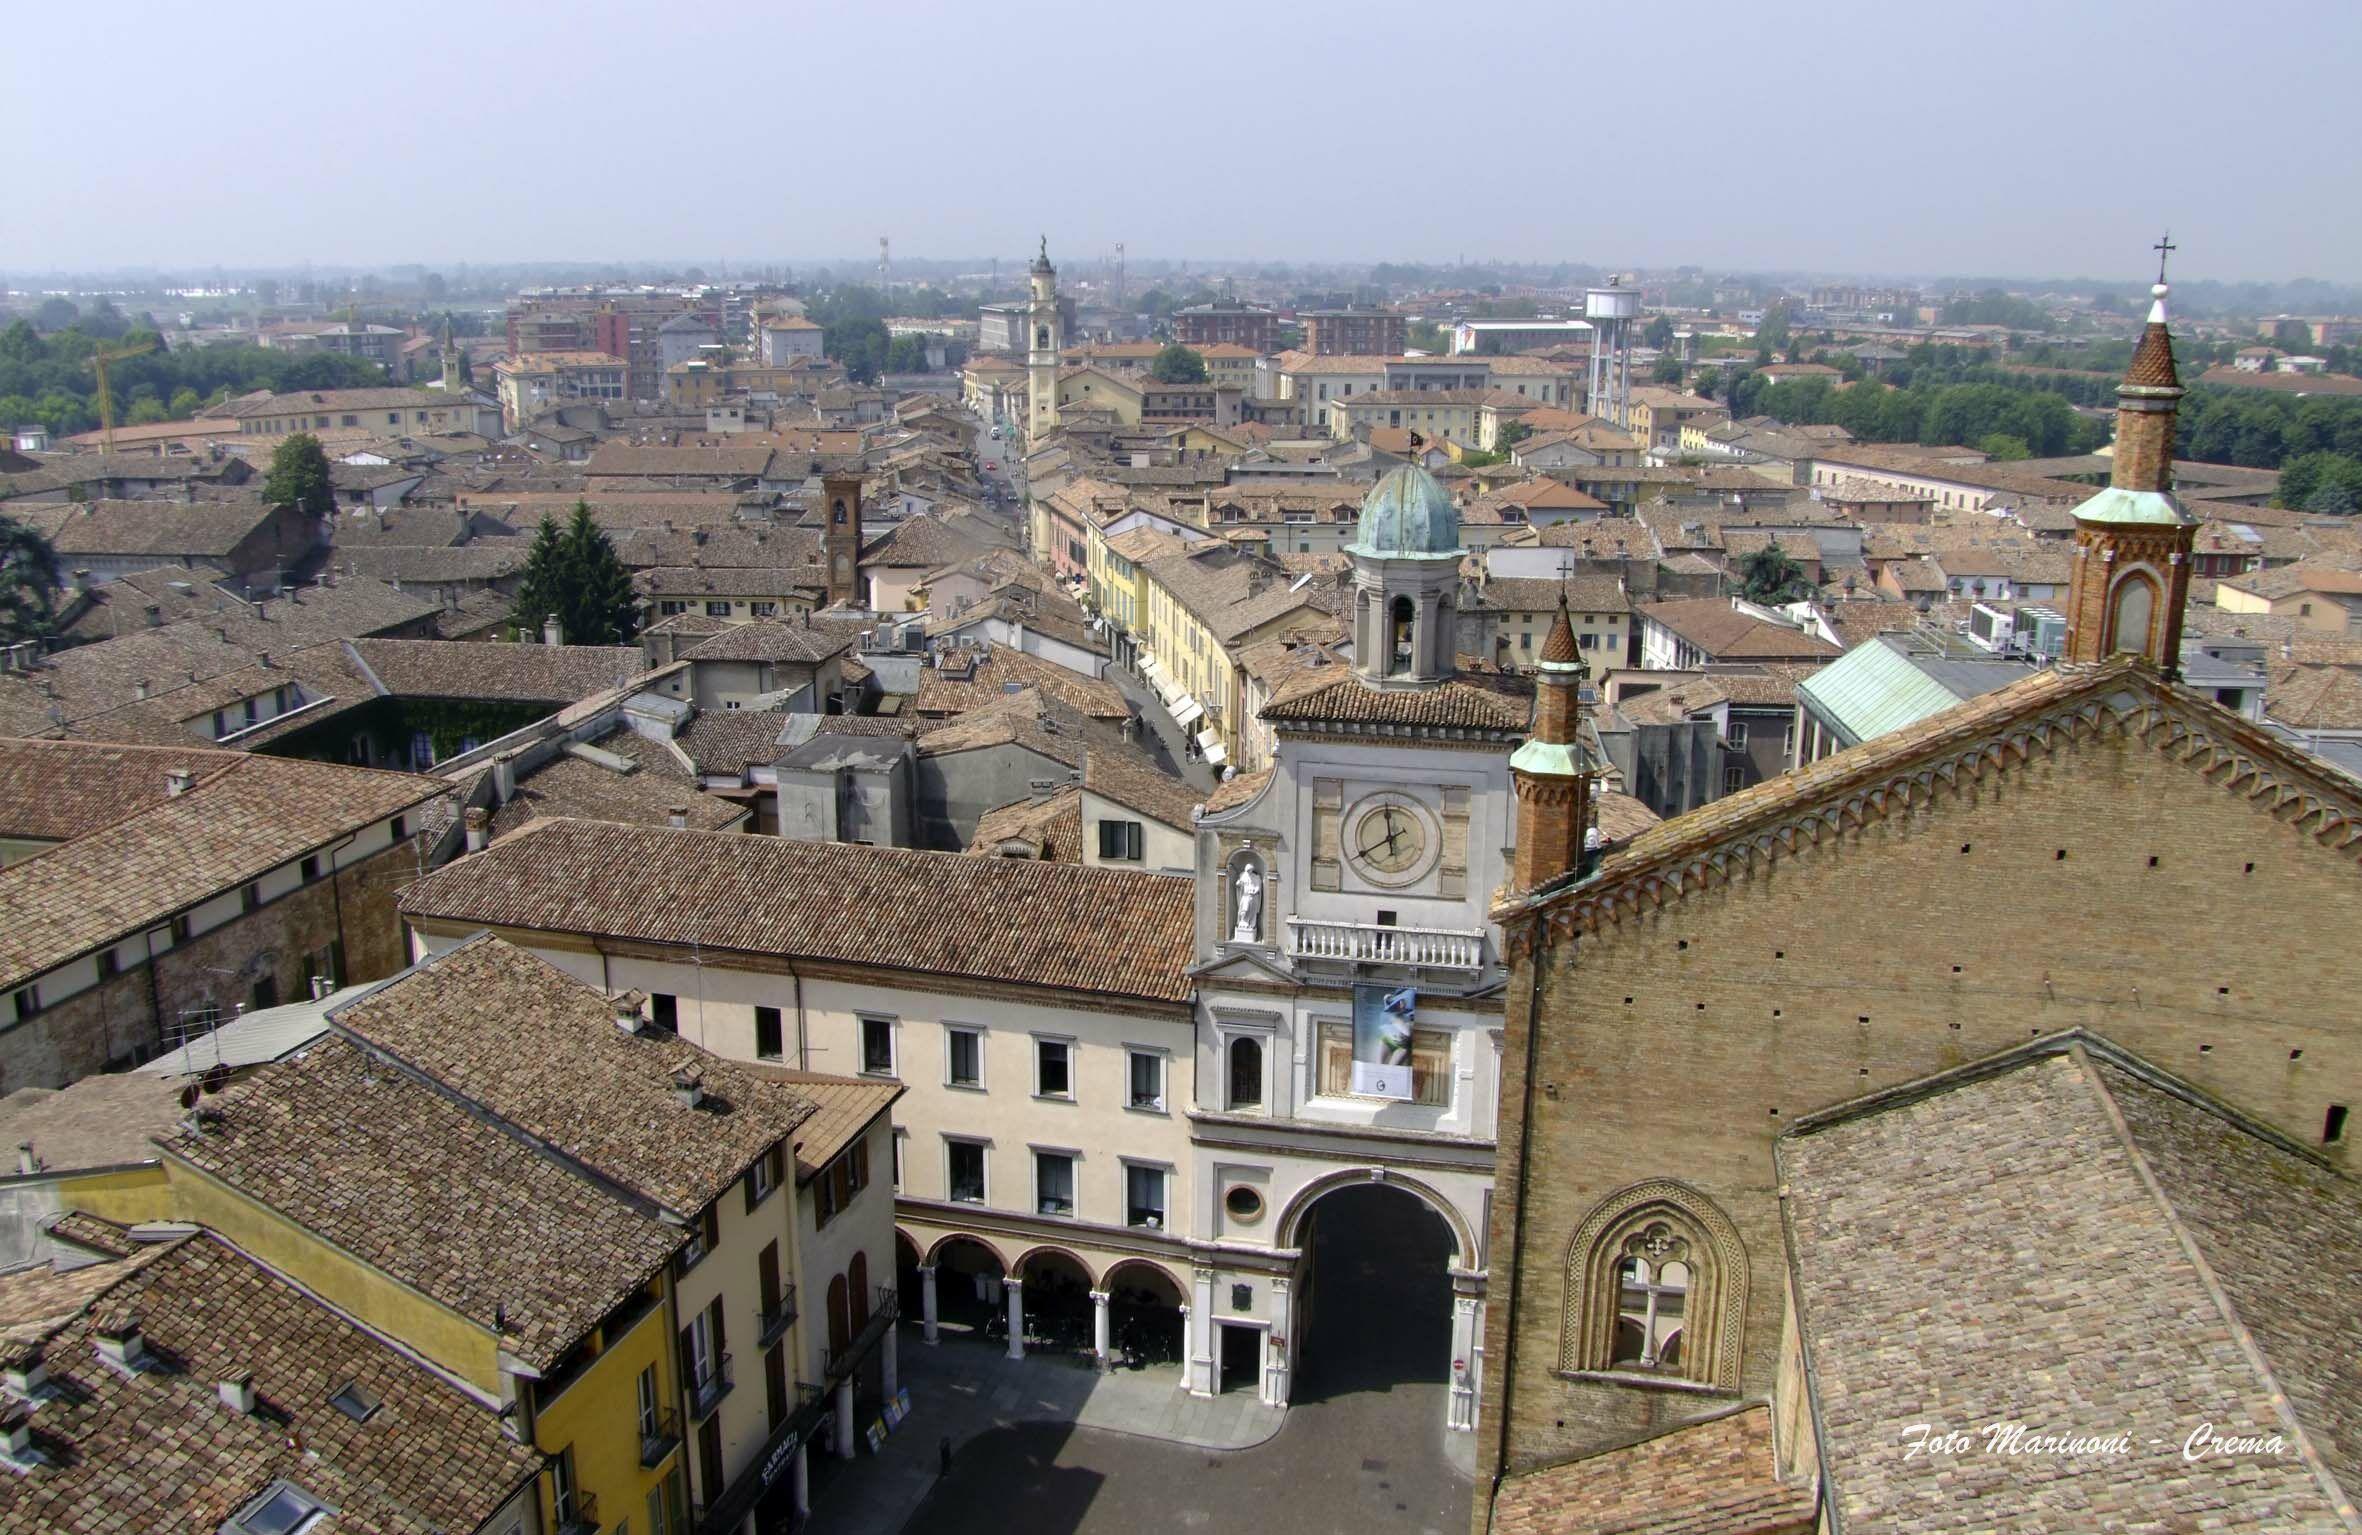 Crema - veduta dall'alto di piazza Duomo